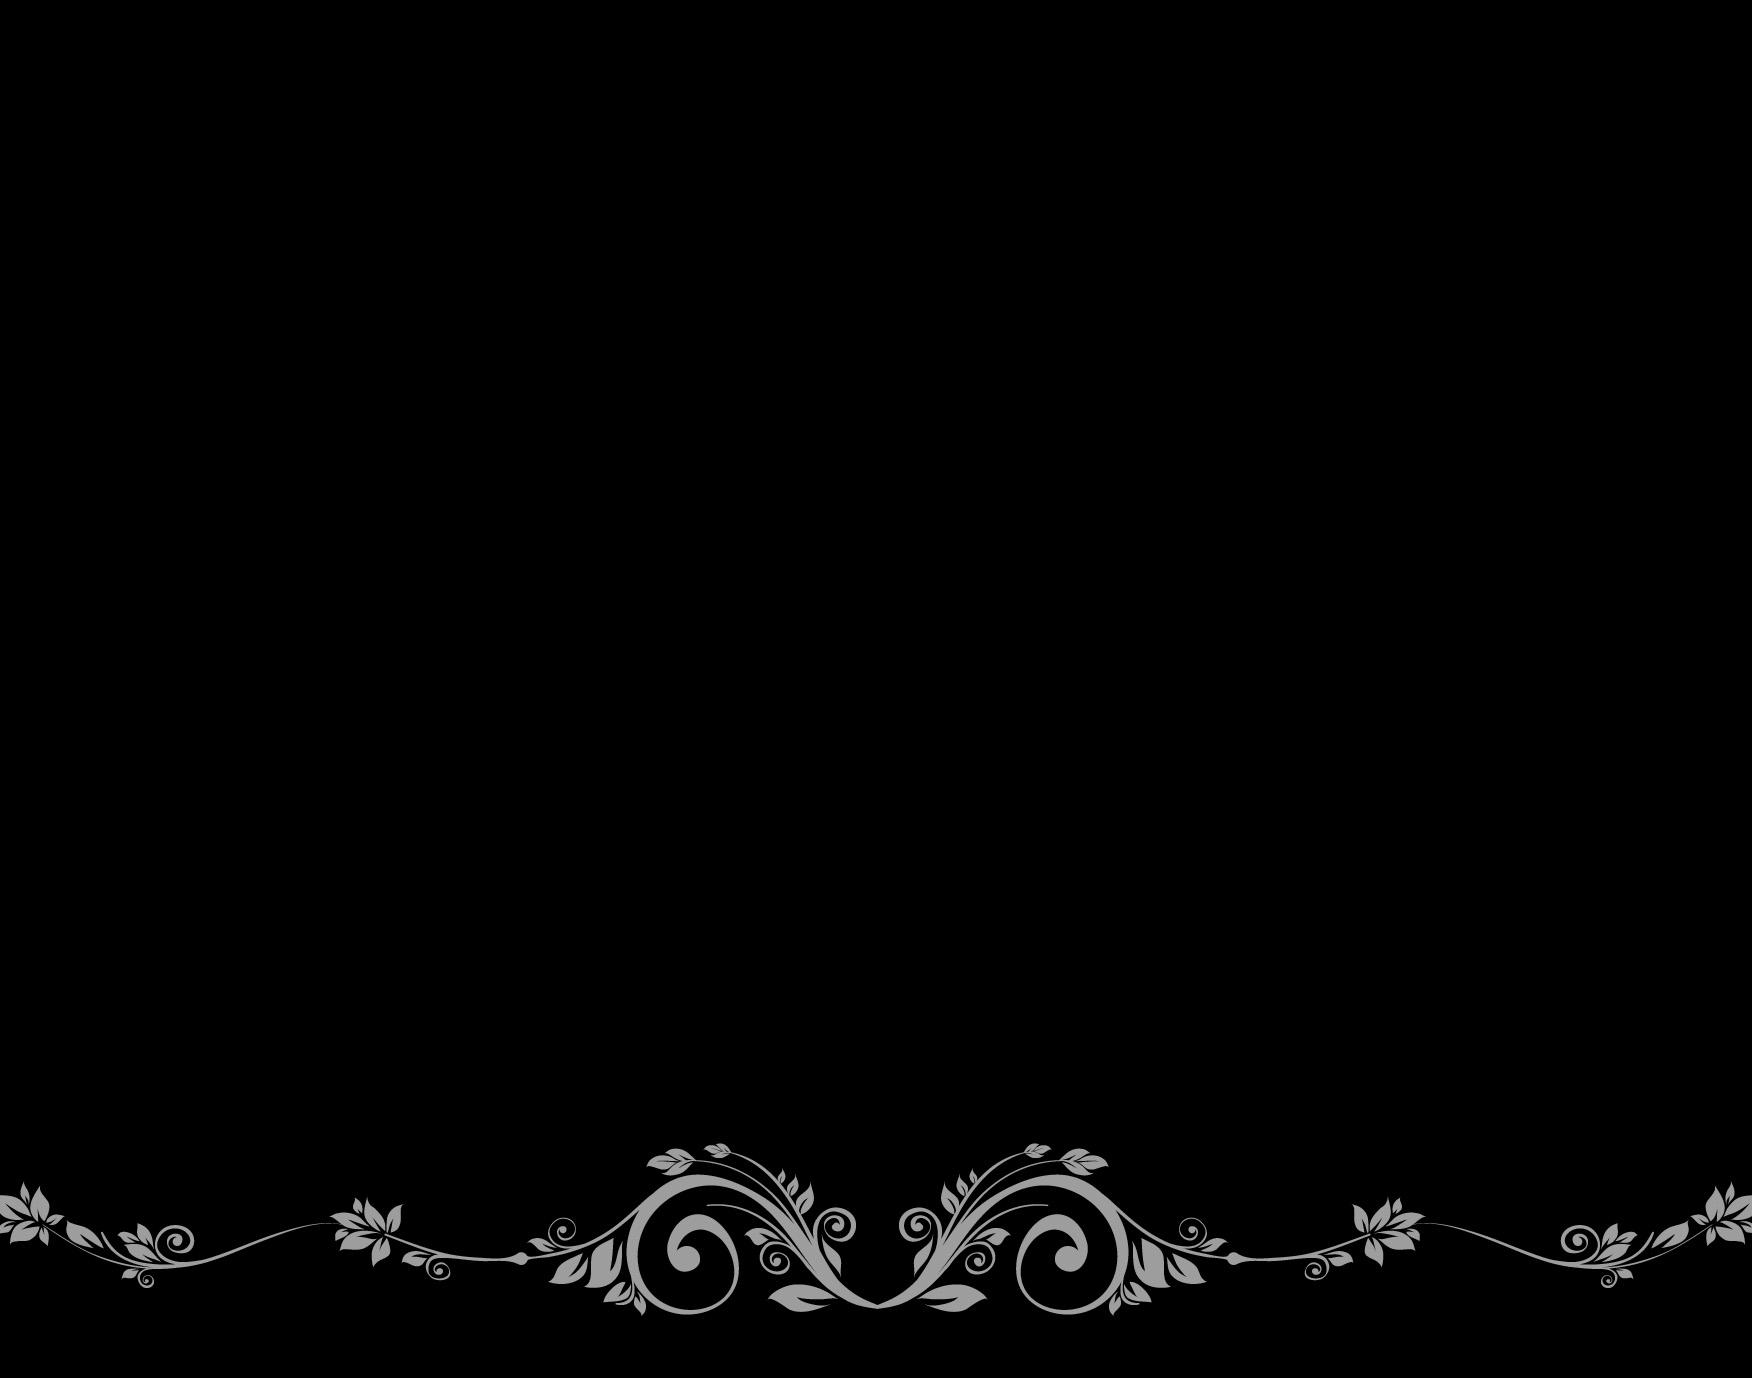 76 Elegant Wallpapers on WallpaperSafari